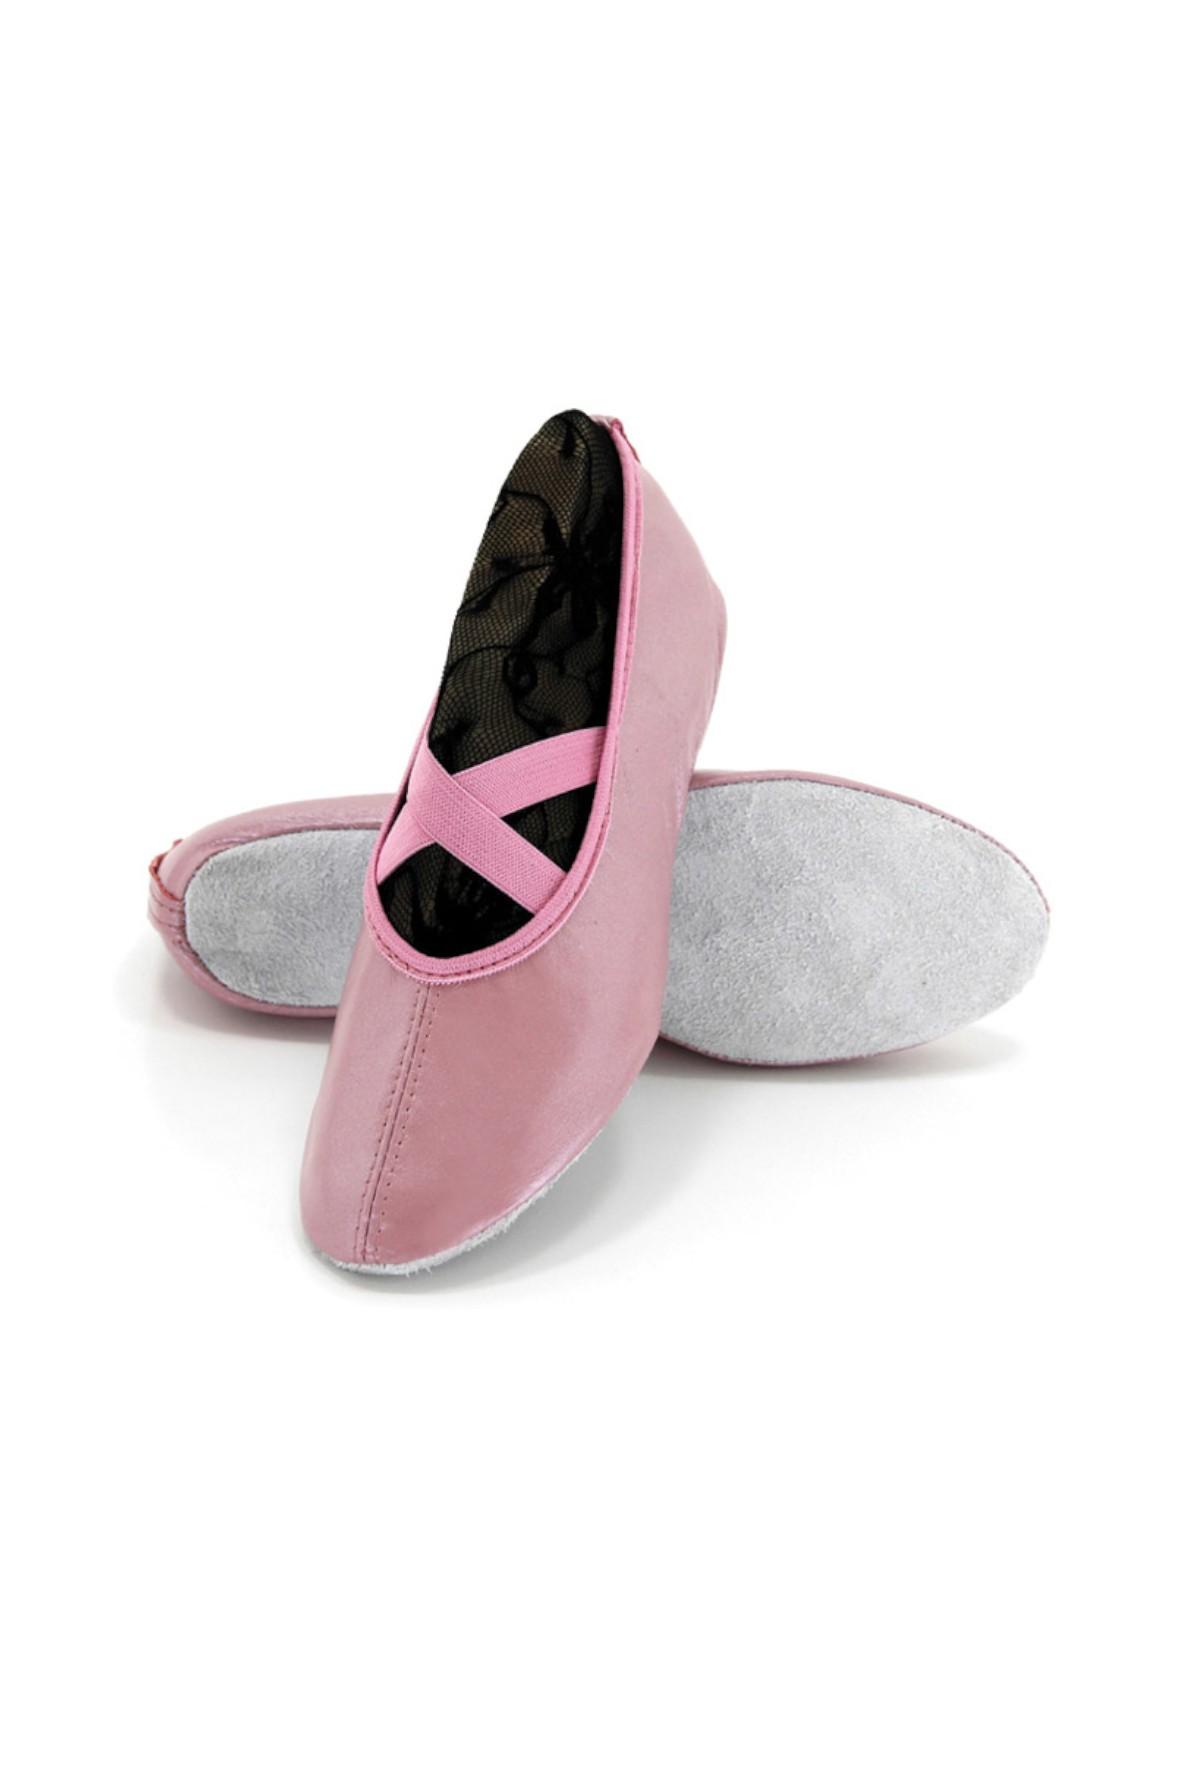 Baletki dziewczęce różowe ze skóry naturalnej